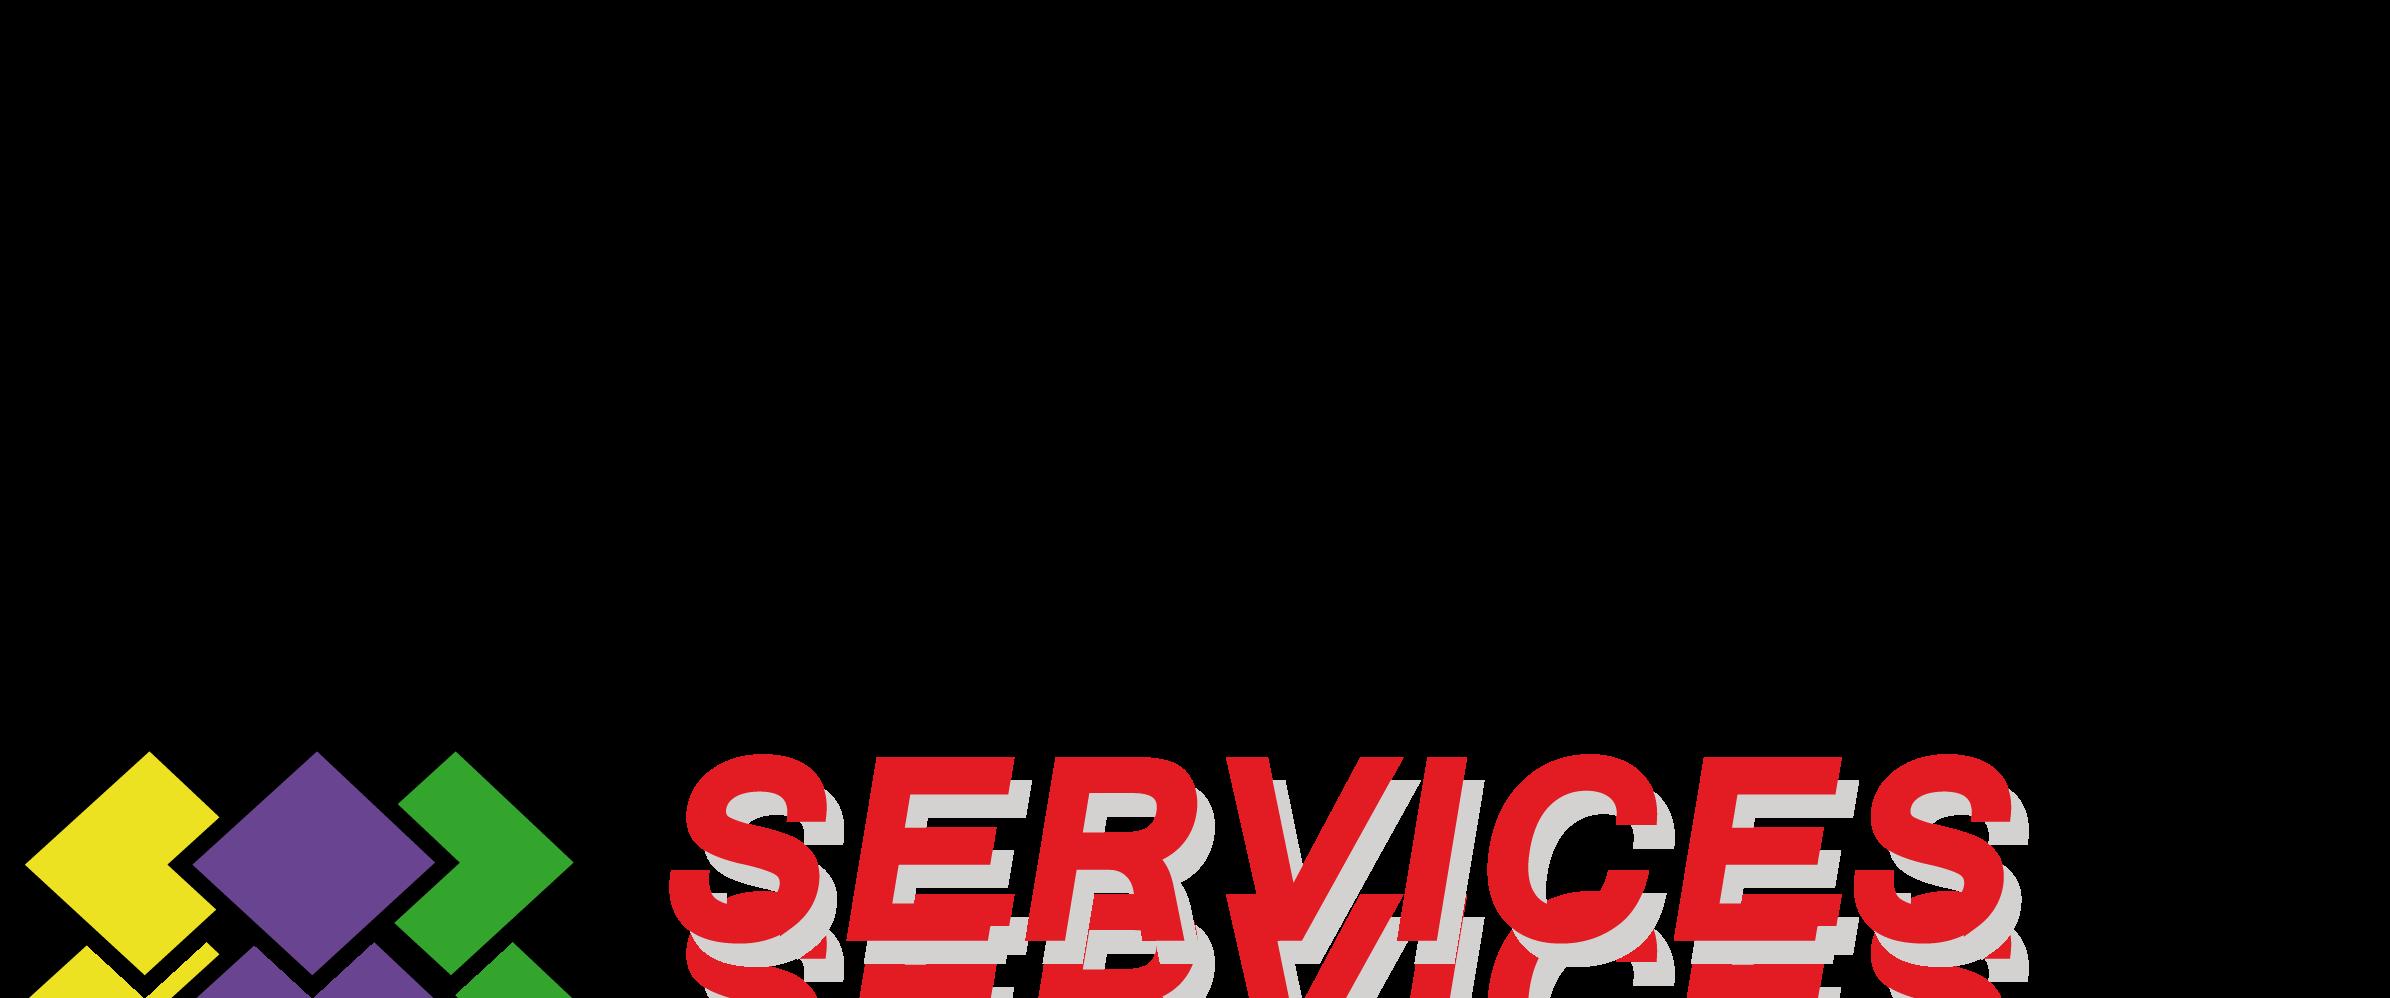 minary services Ouvert le dimanche